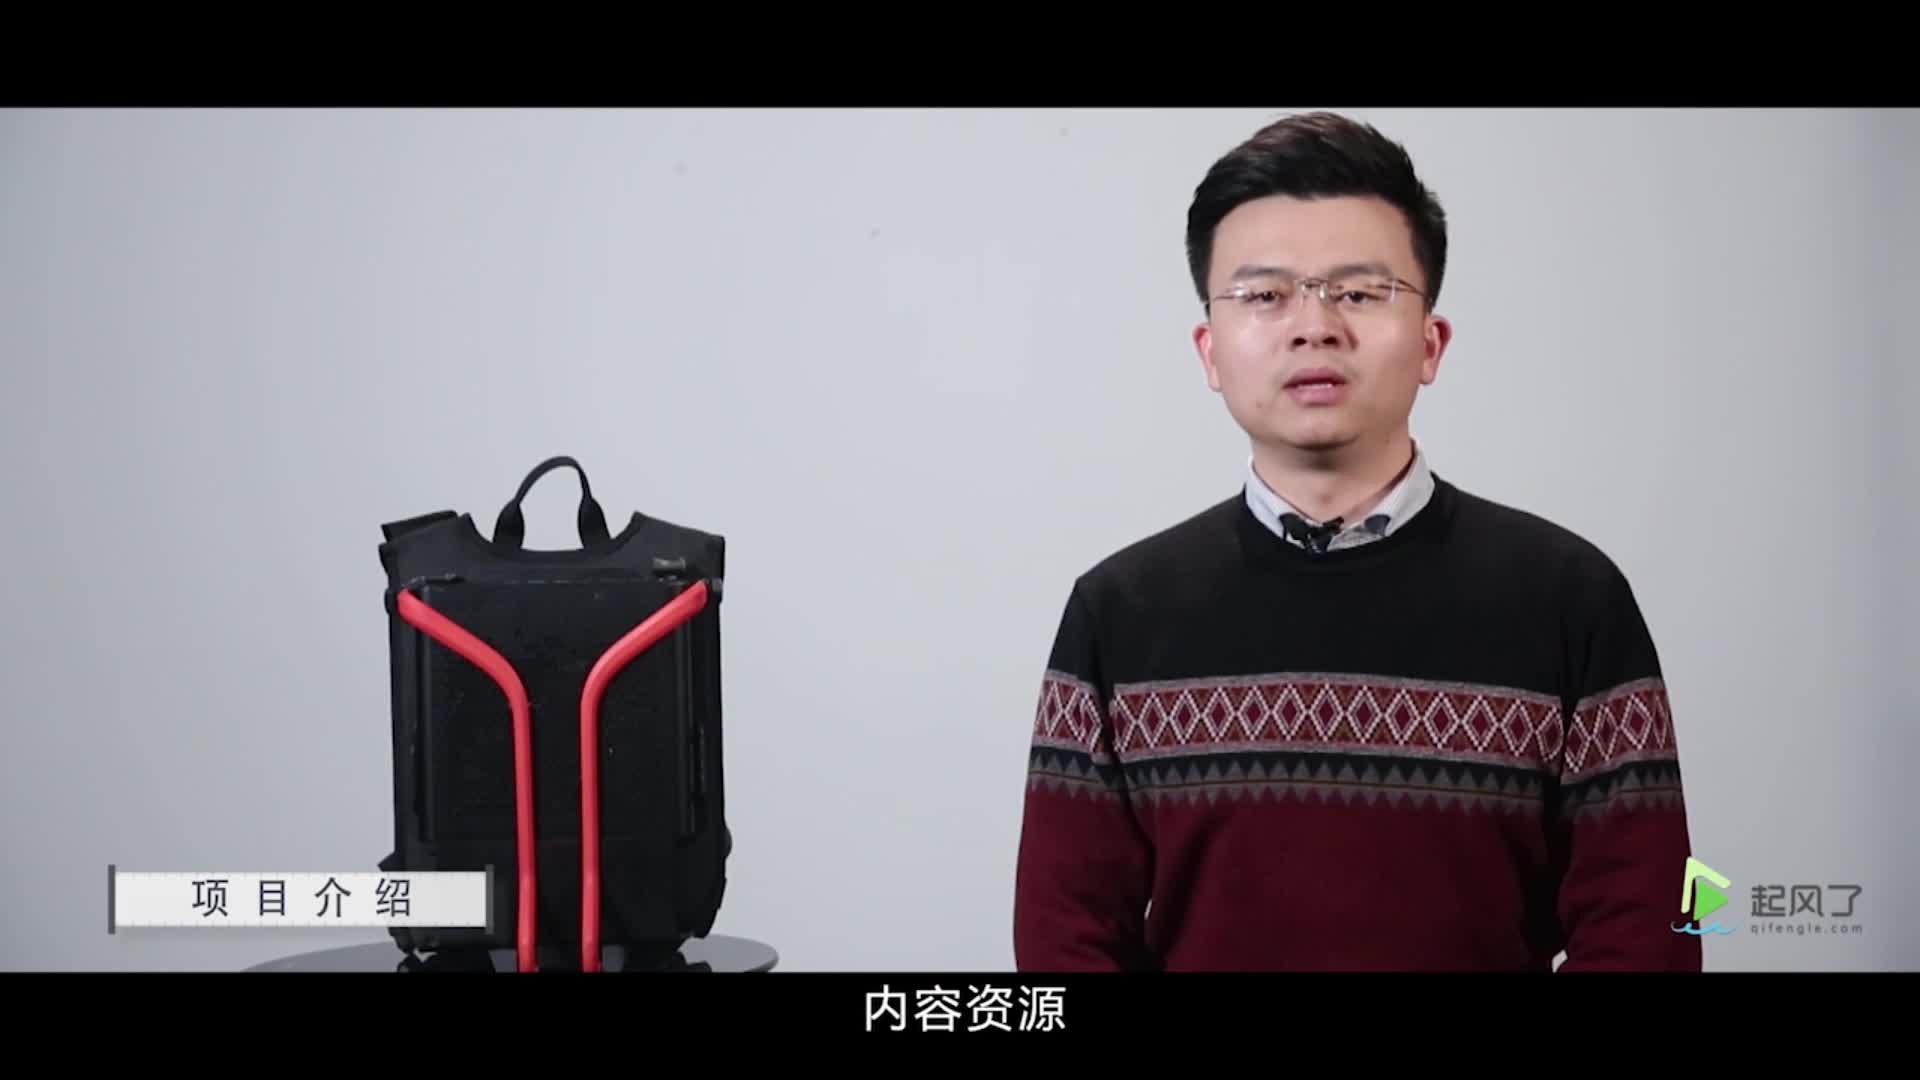 虚拟现实-生活服务 科技 创业